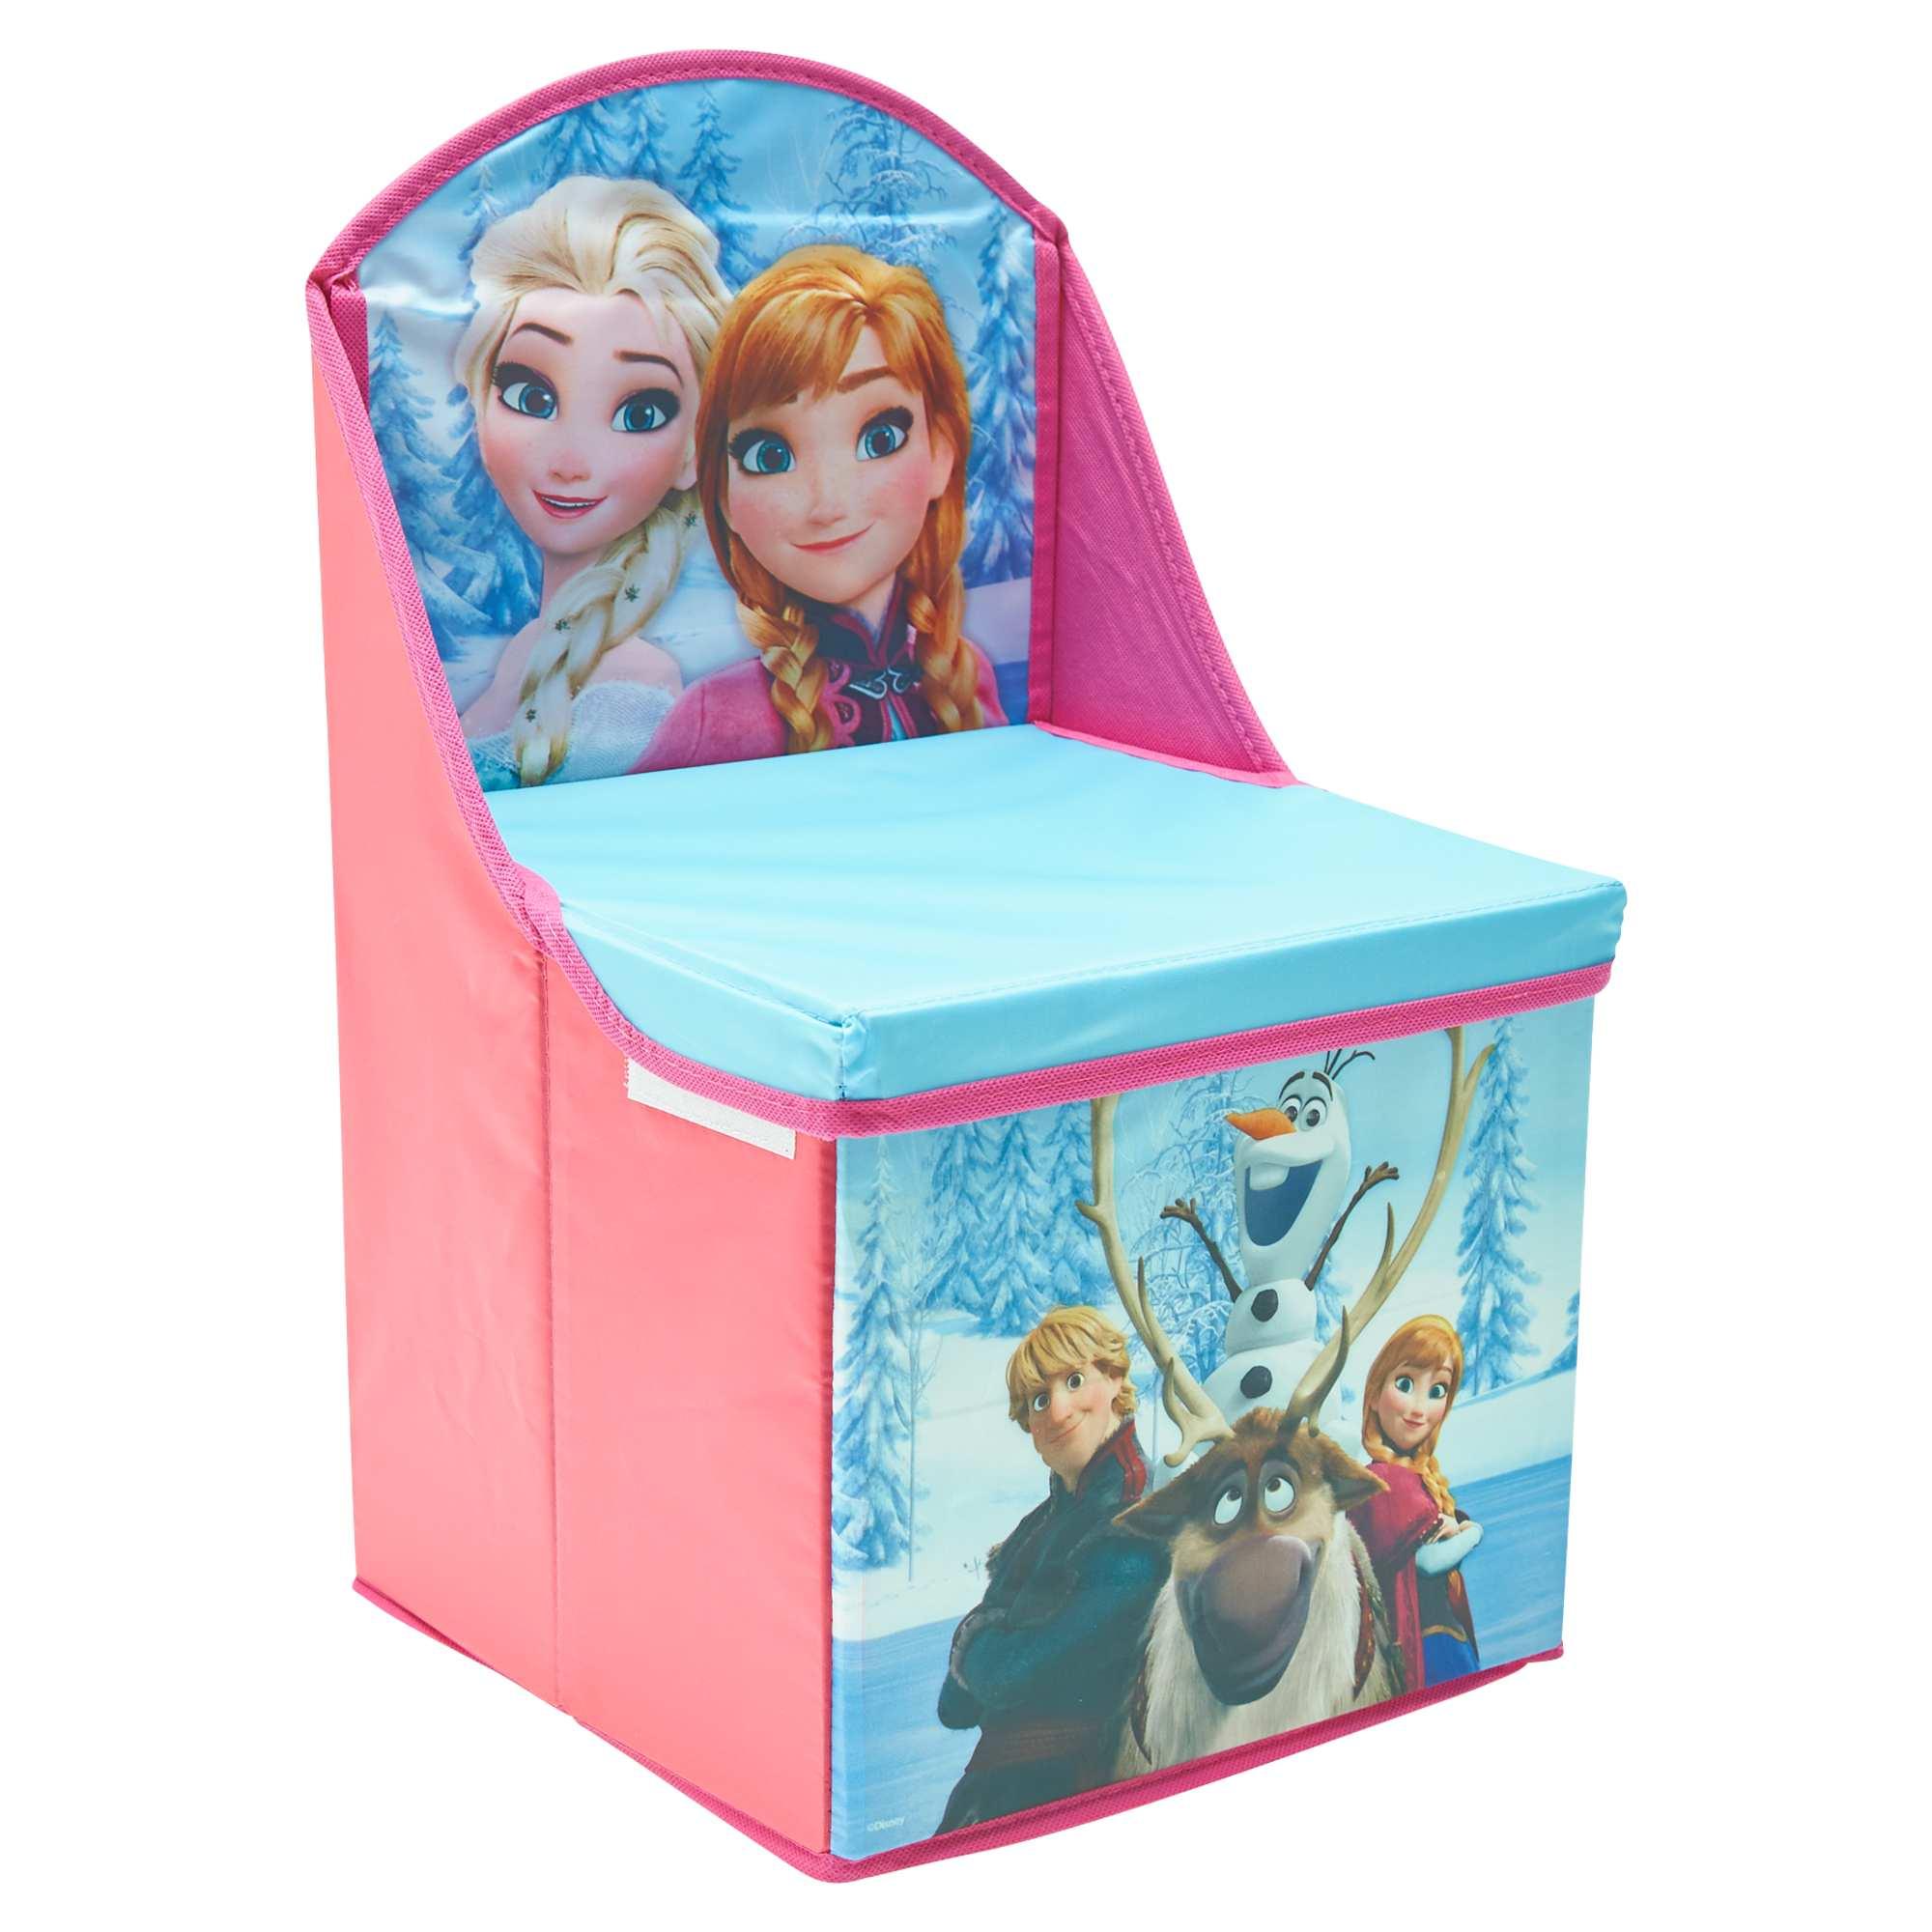 Chaise pliable de rangement 39 la reine des neiges 39 linge de lit rose kiabi 12 00 - Fauteuil la reine des neiges ...